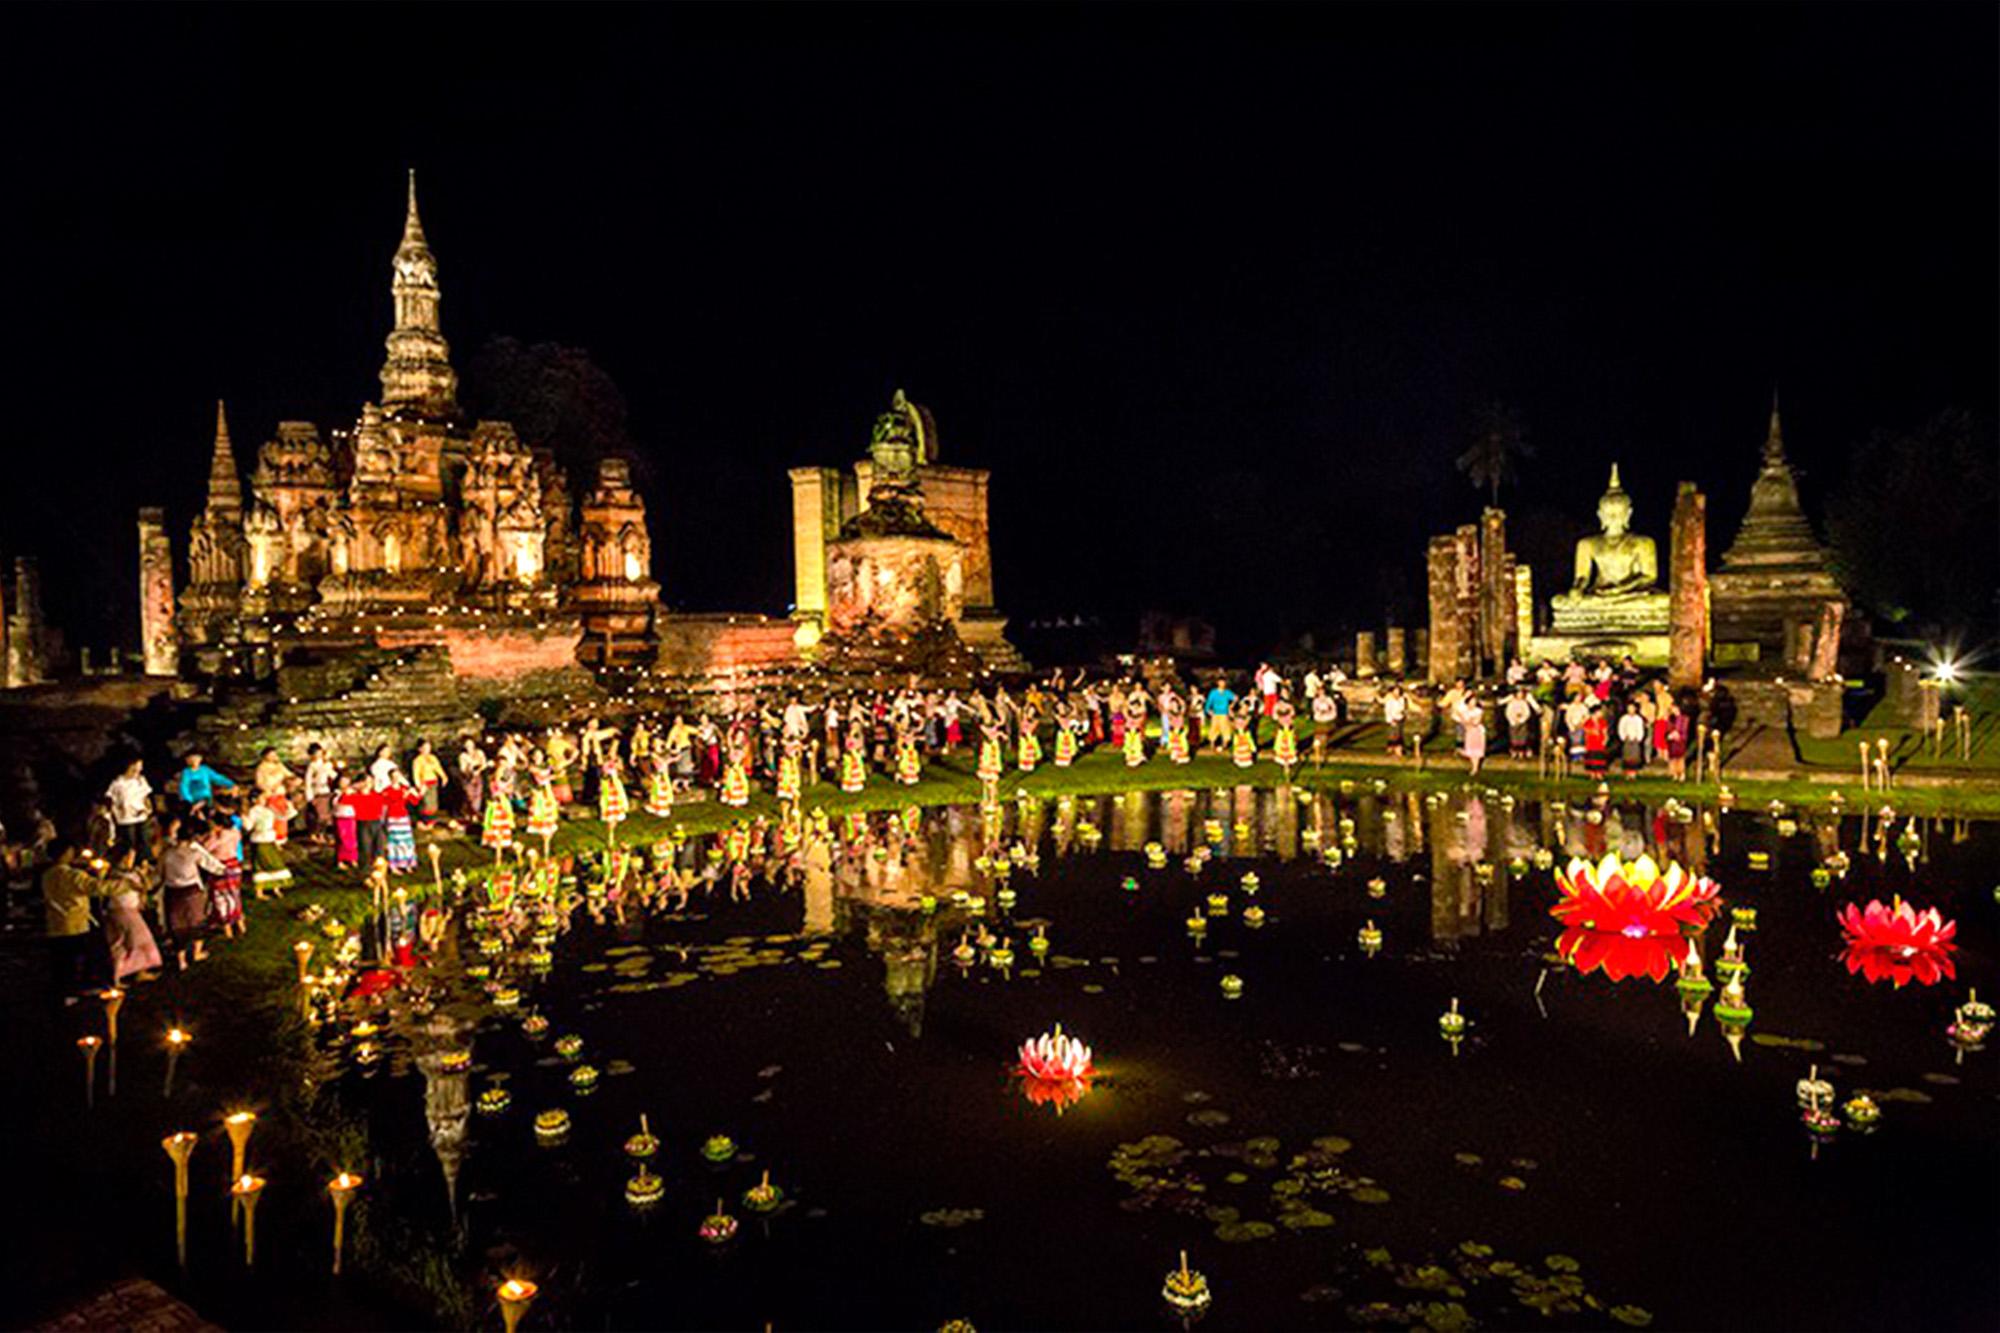 素可泰歷史公園 Sukhothai Historical Park 素可泰 遺址 泰國 世界文化遺產 素可泰 歷史公園